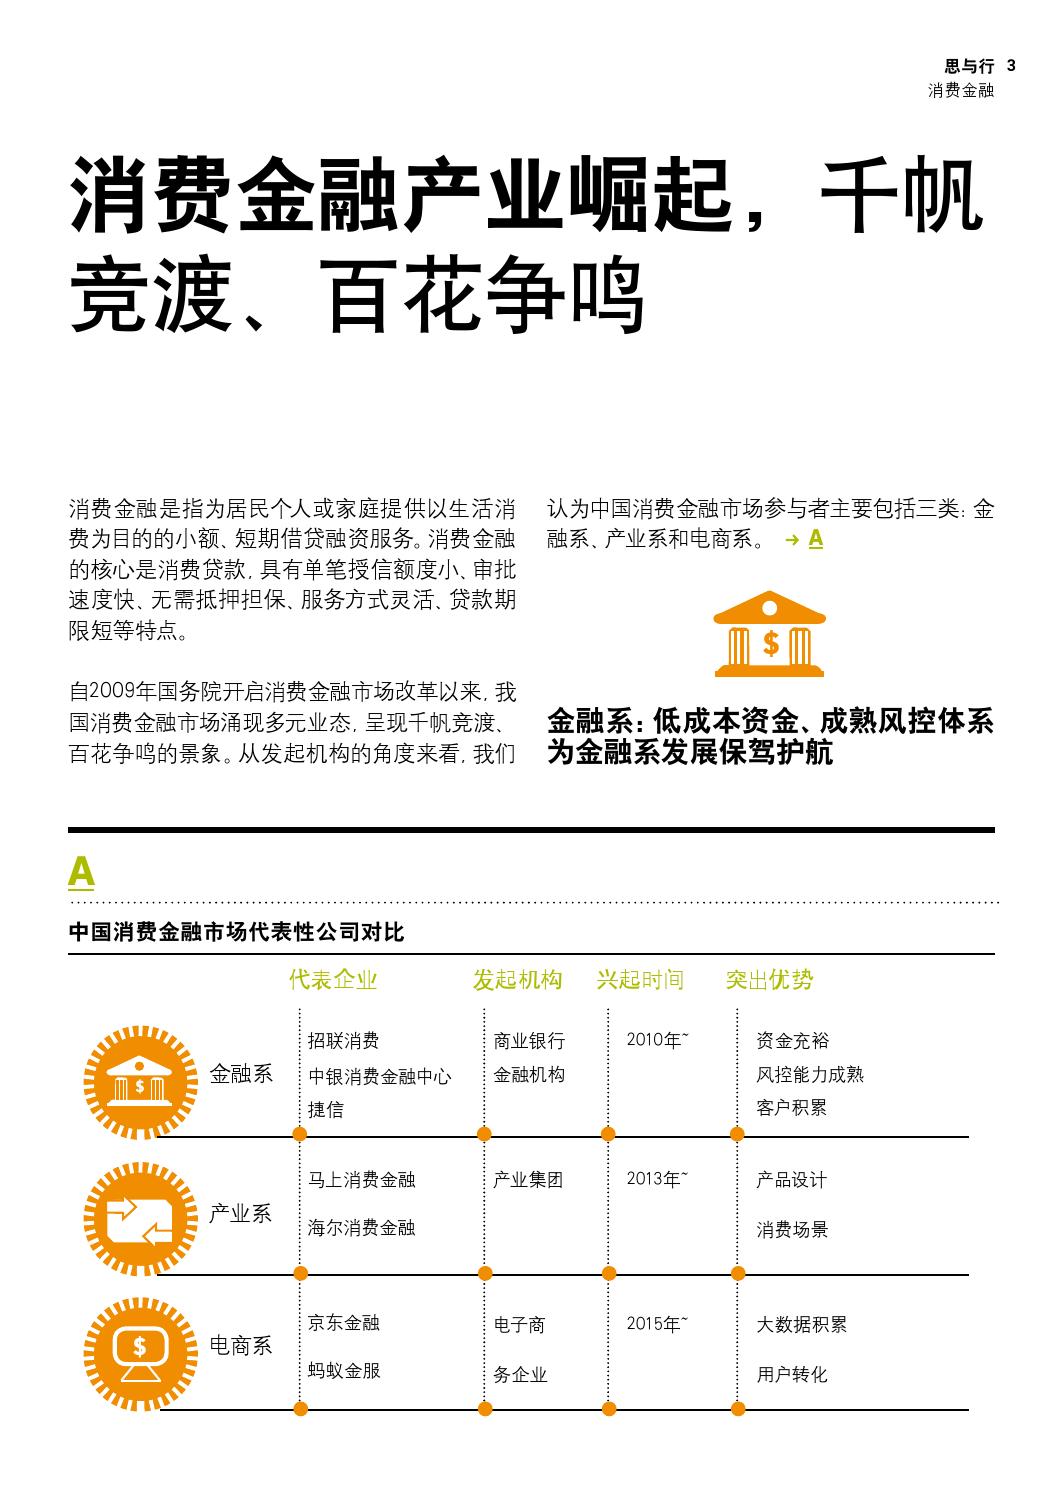 消费金融:开启零售生态消费新纪元_000003